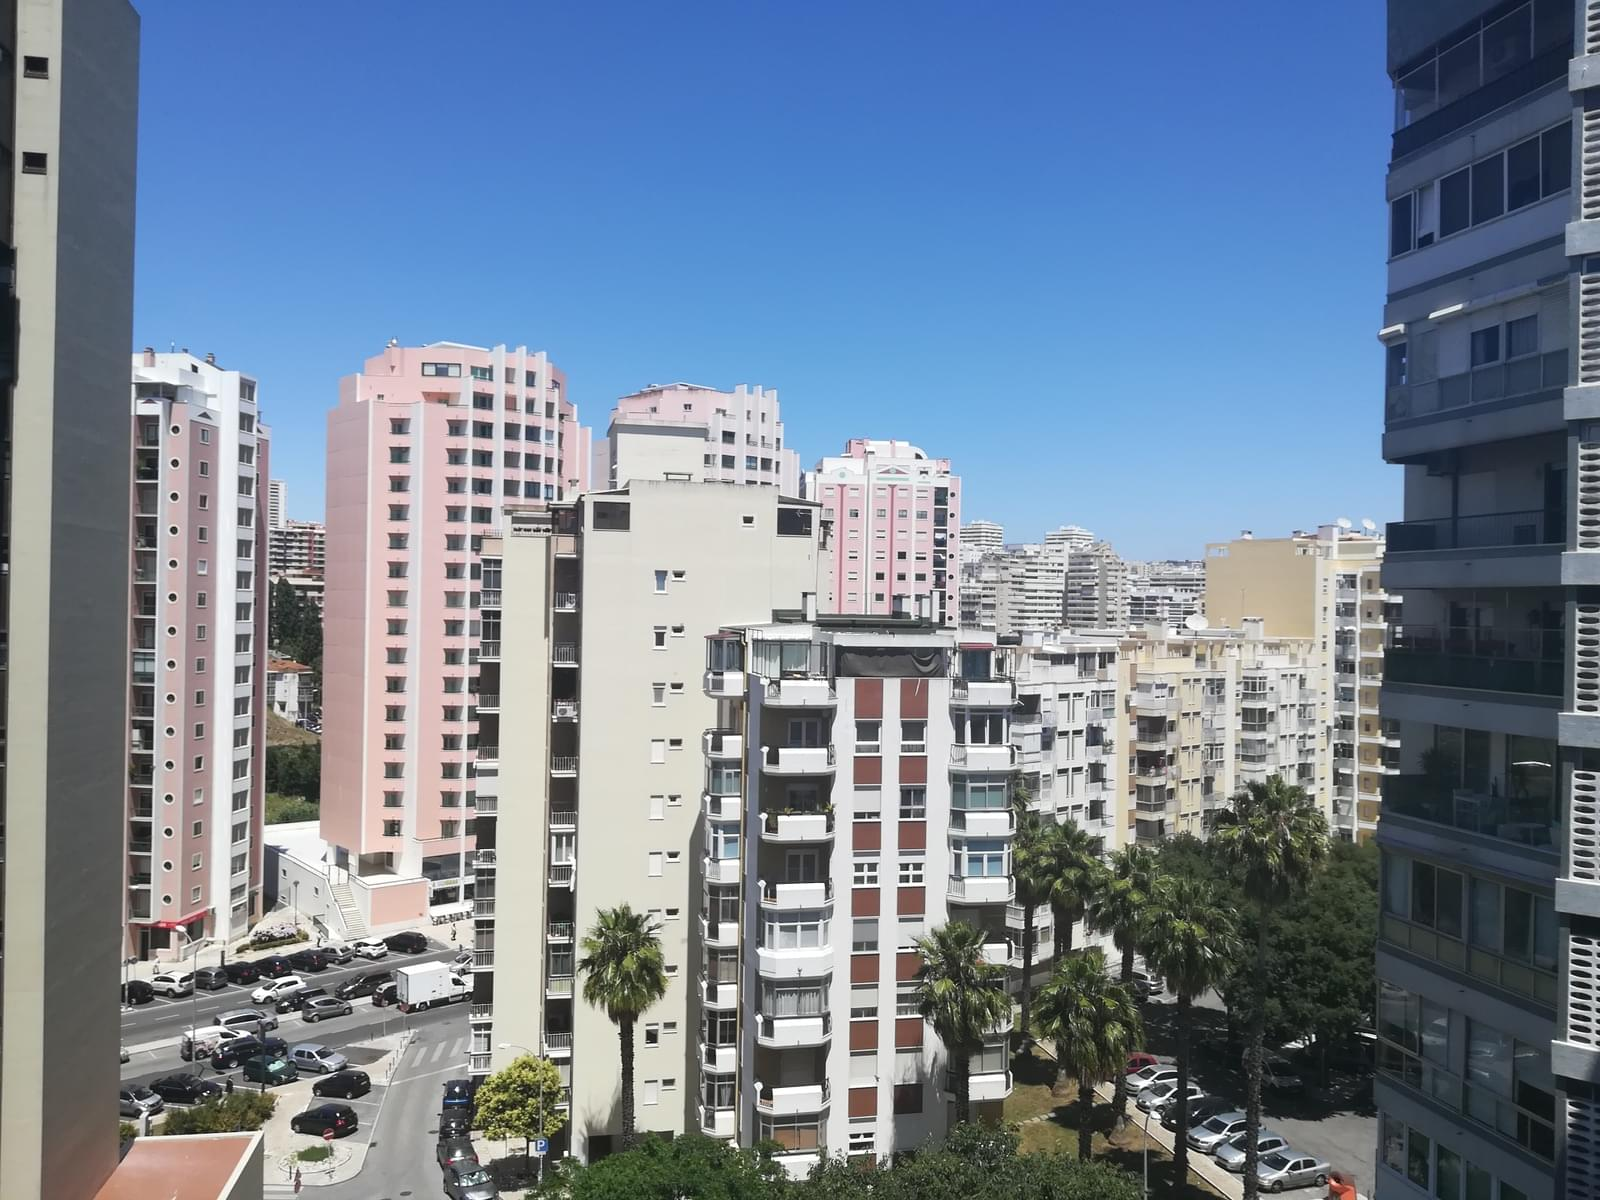 pf17568-apartamento-t3-oeiras-19ea5c91-f1ae-416d-9e31-075c848b587f